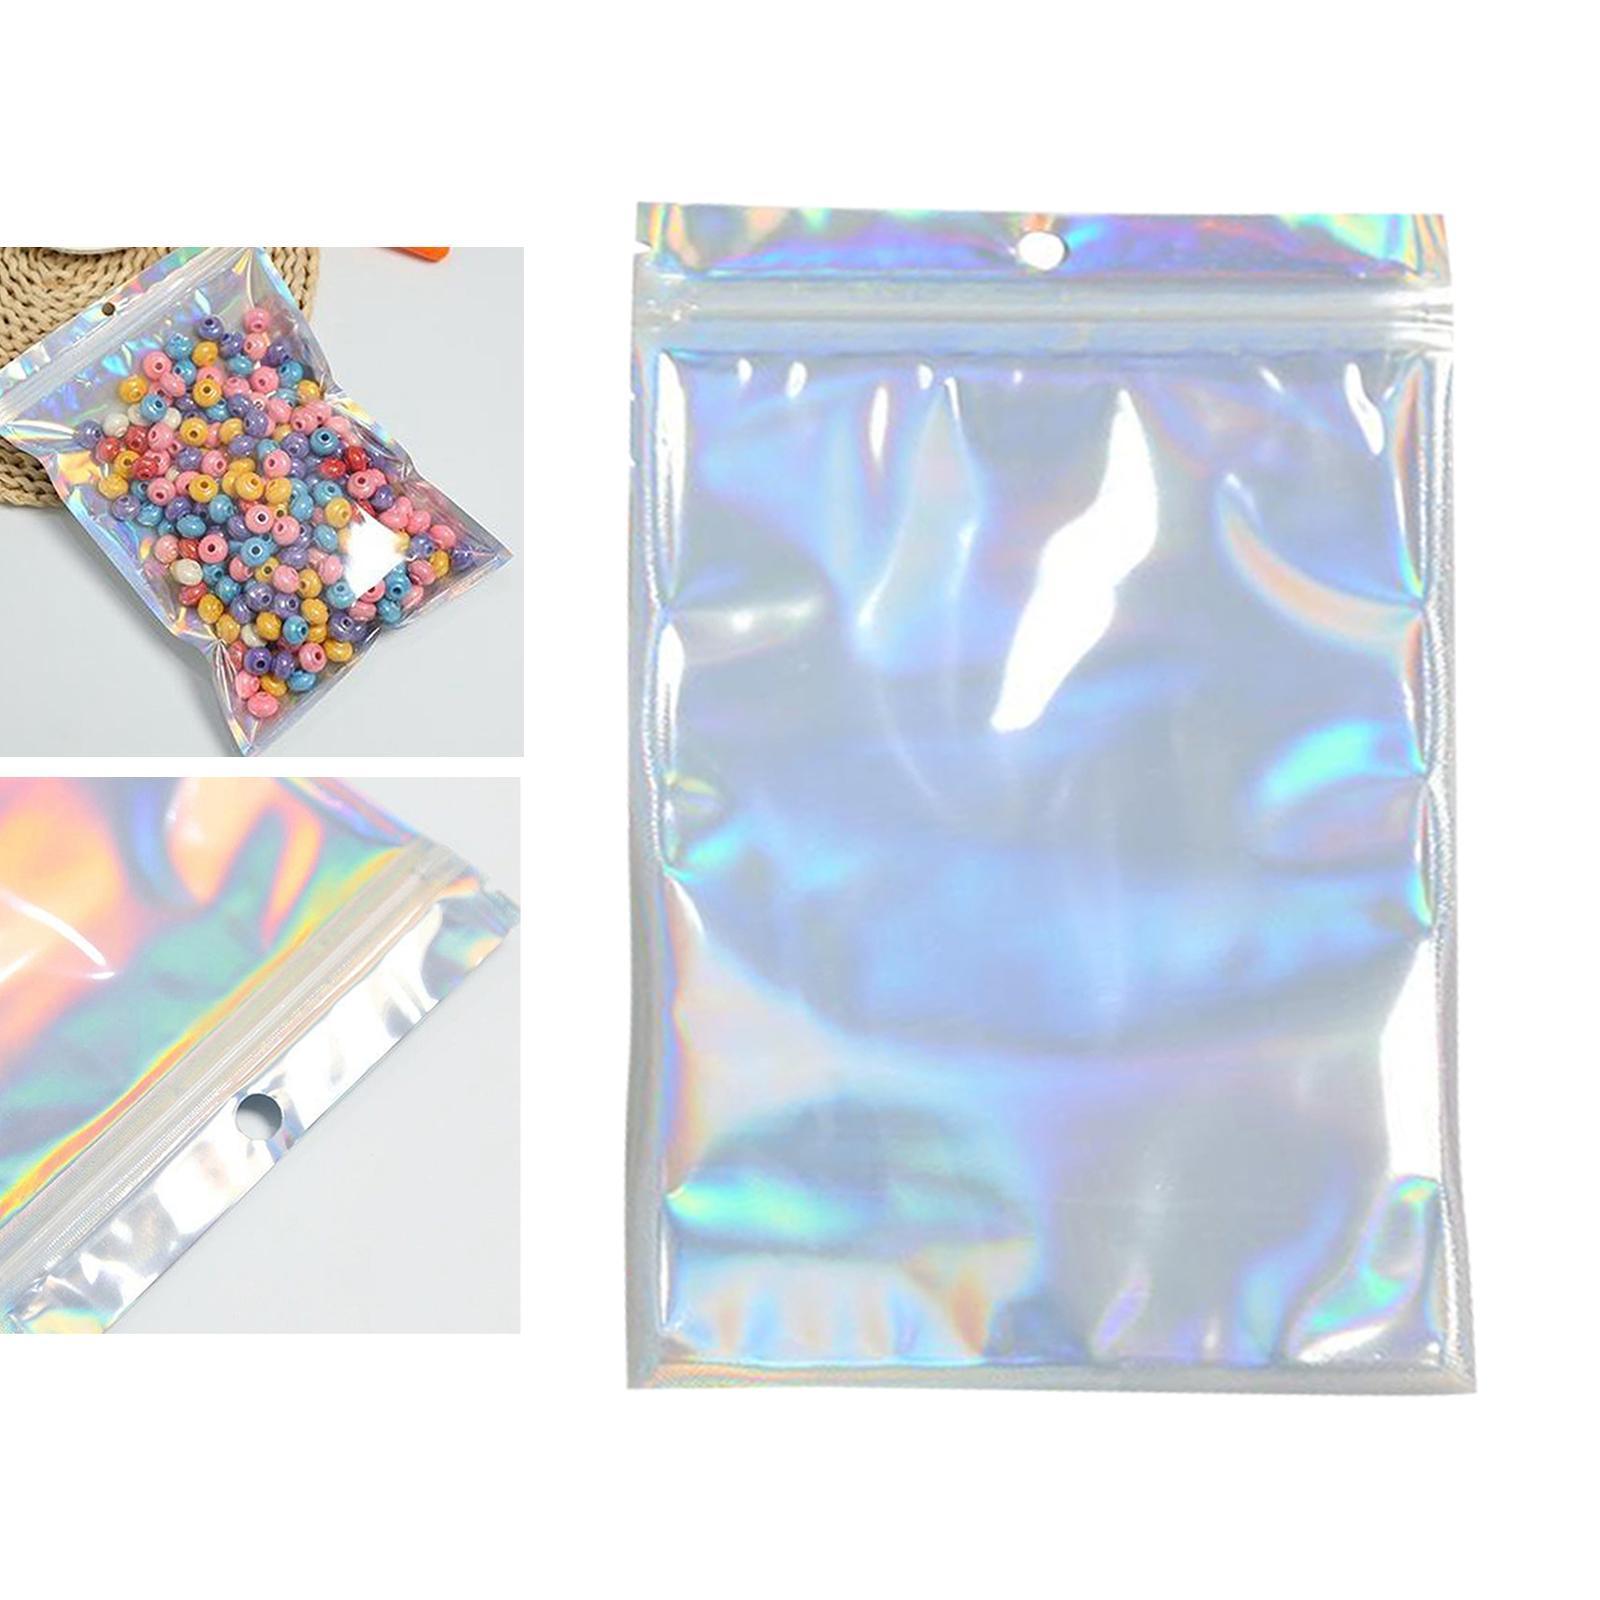 100-pezzi-sacchetti-di-pellicola-trasparente-sacchetto-sigillatura-richiudibile miniatura 10